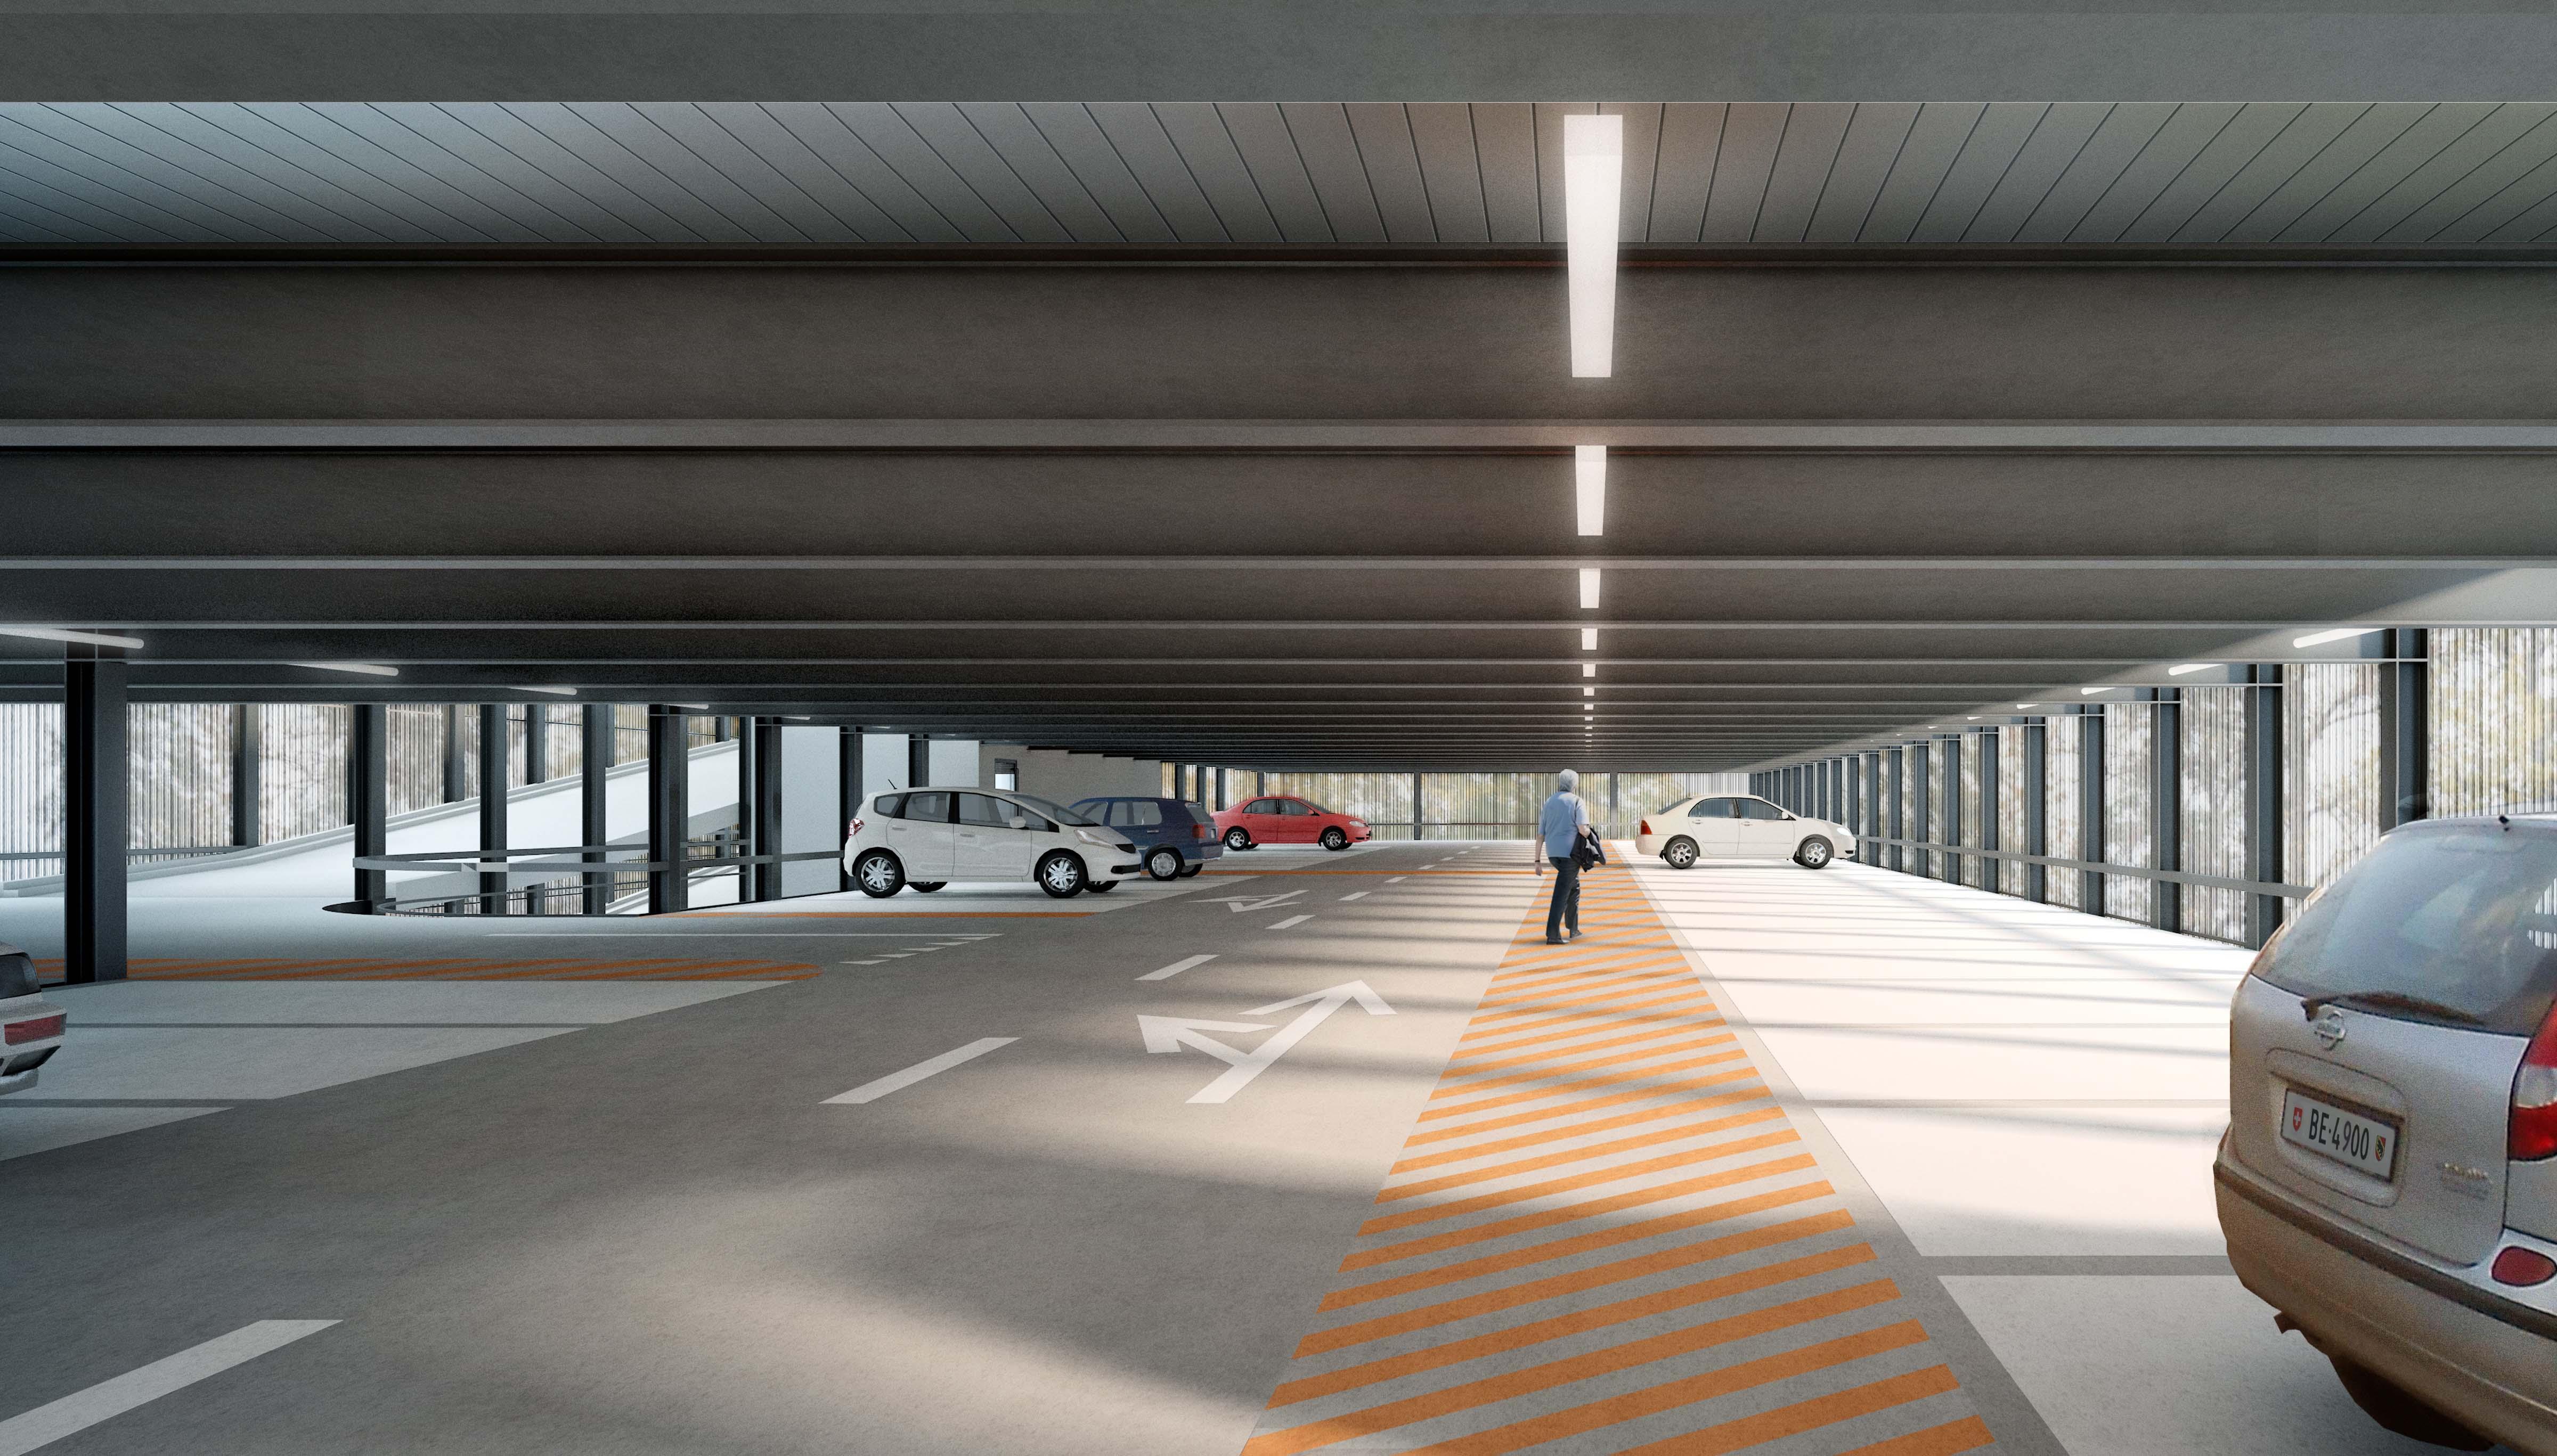 Visualisierung Parkdeck Innen